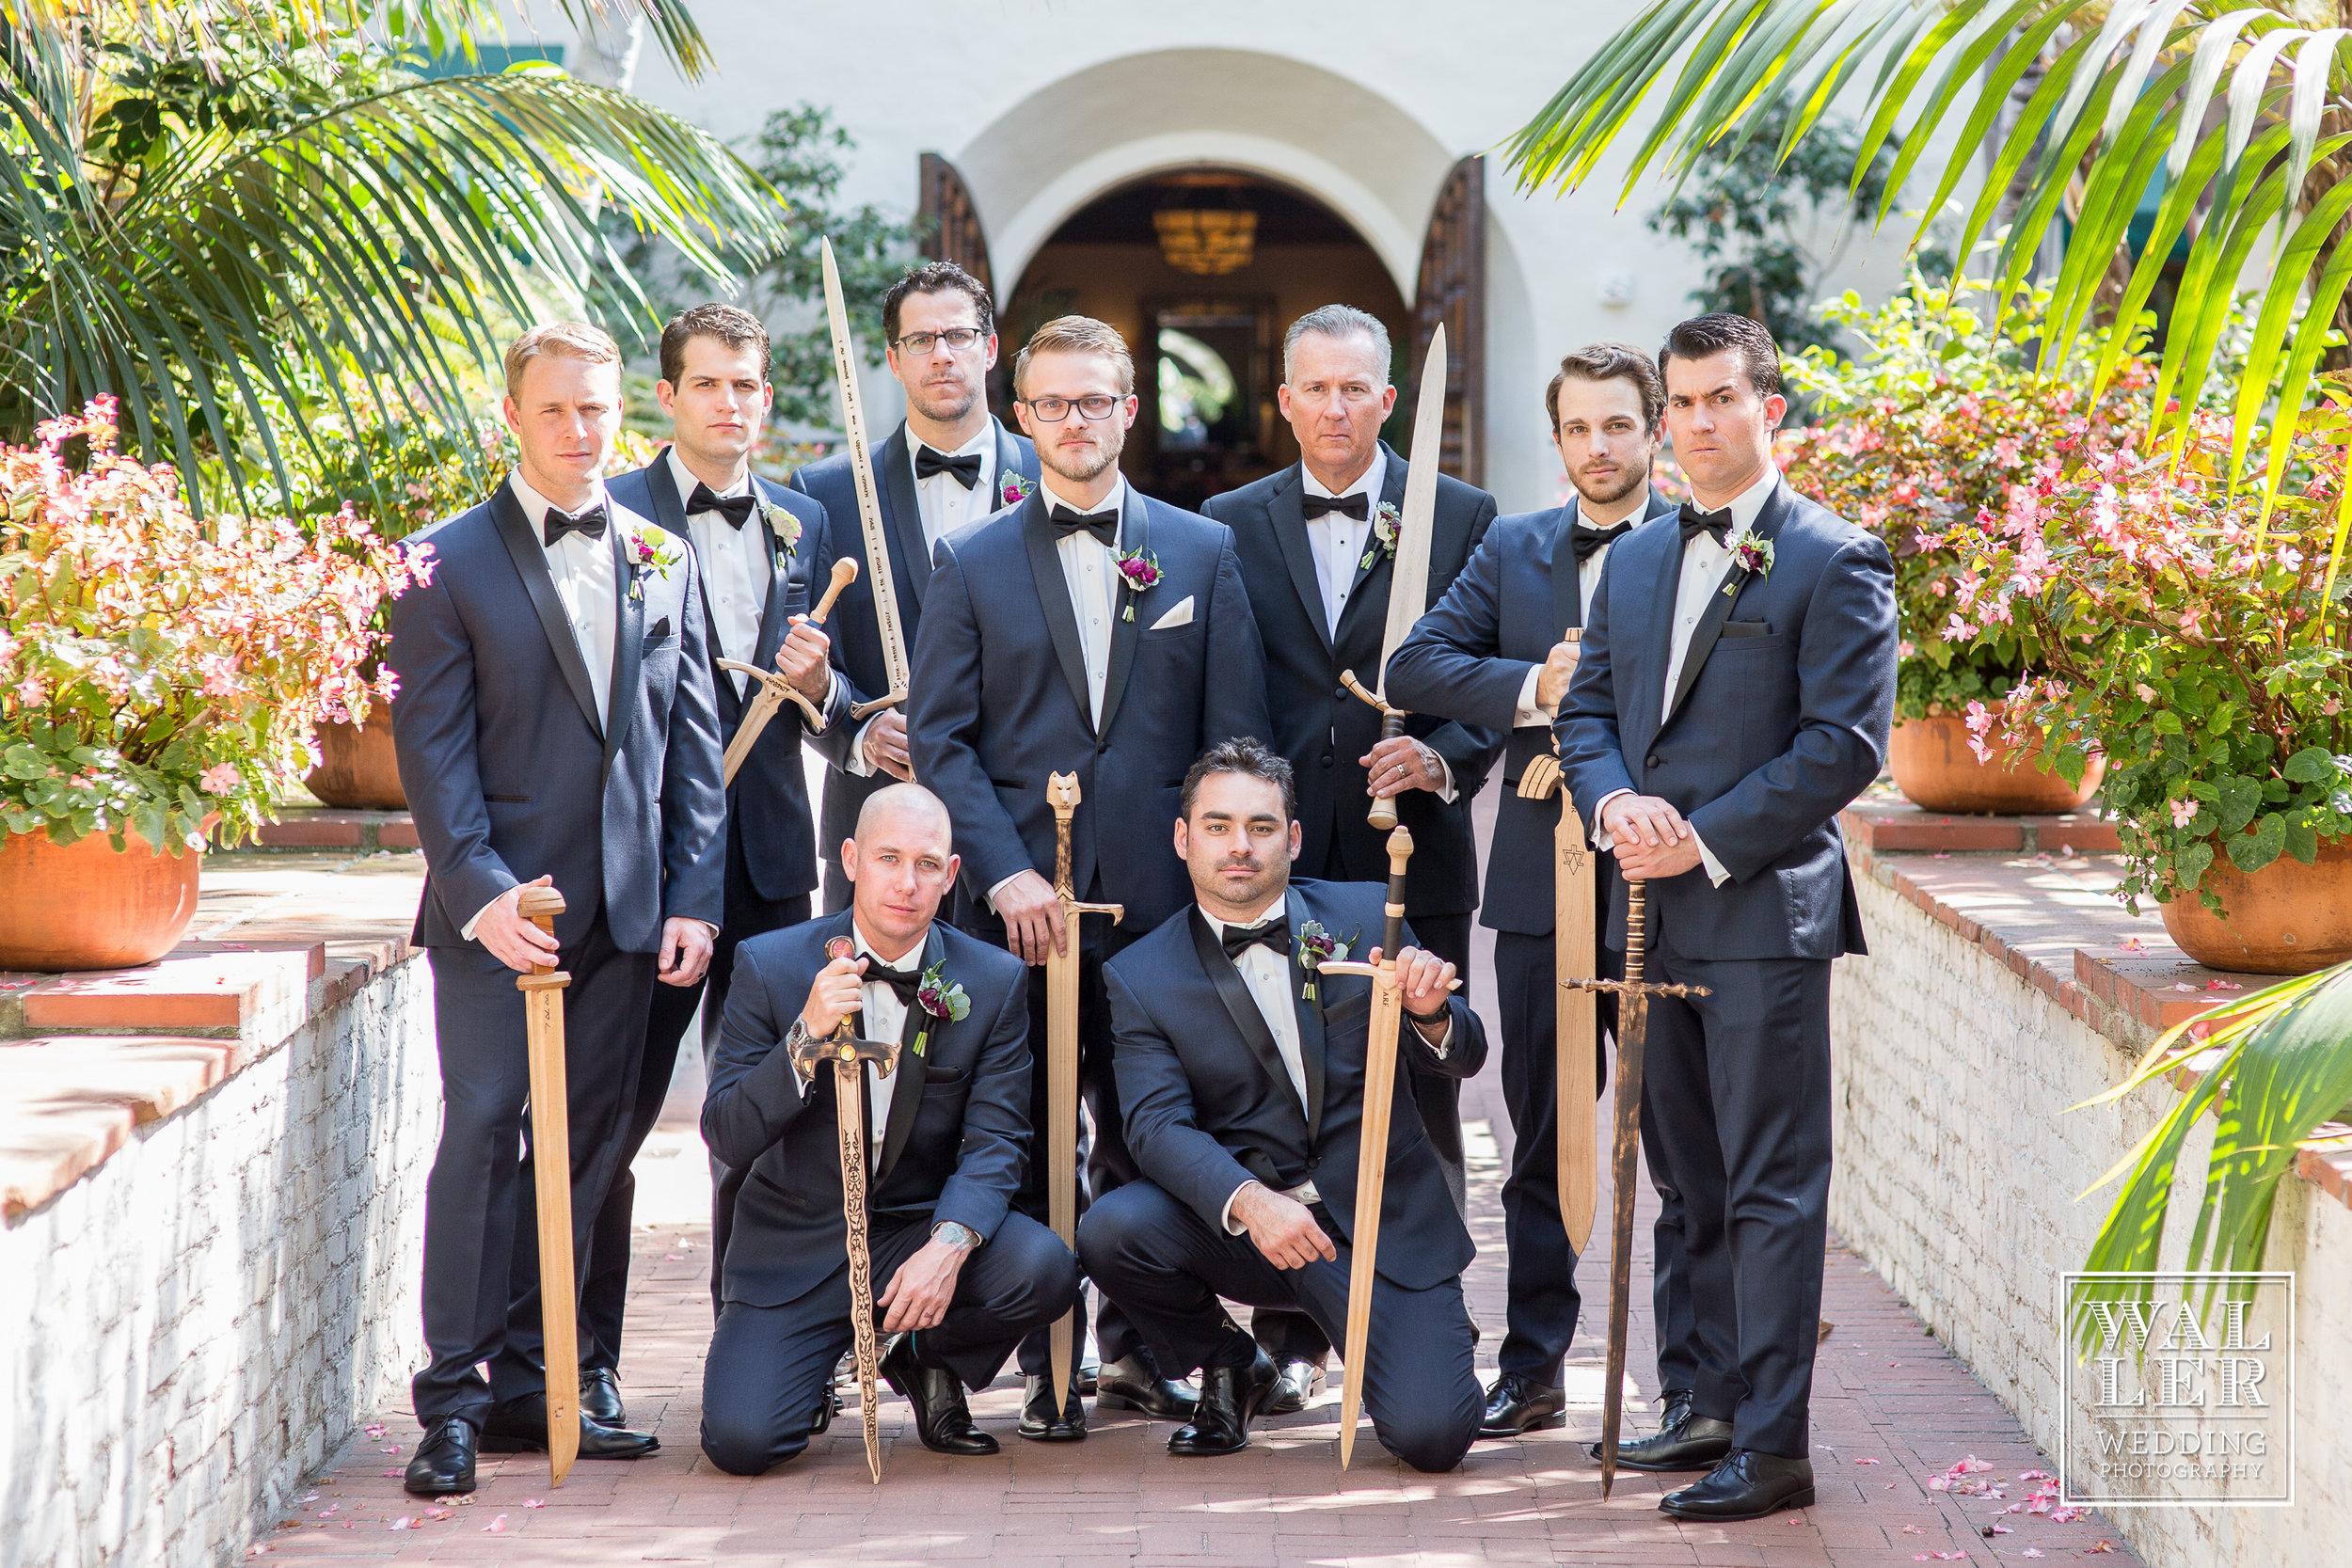 Biltmore wedding-11.jpg